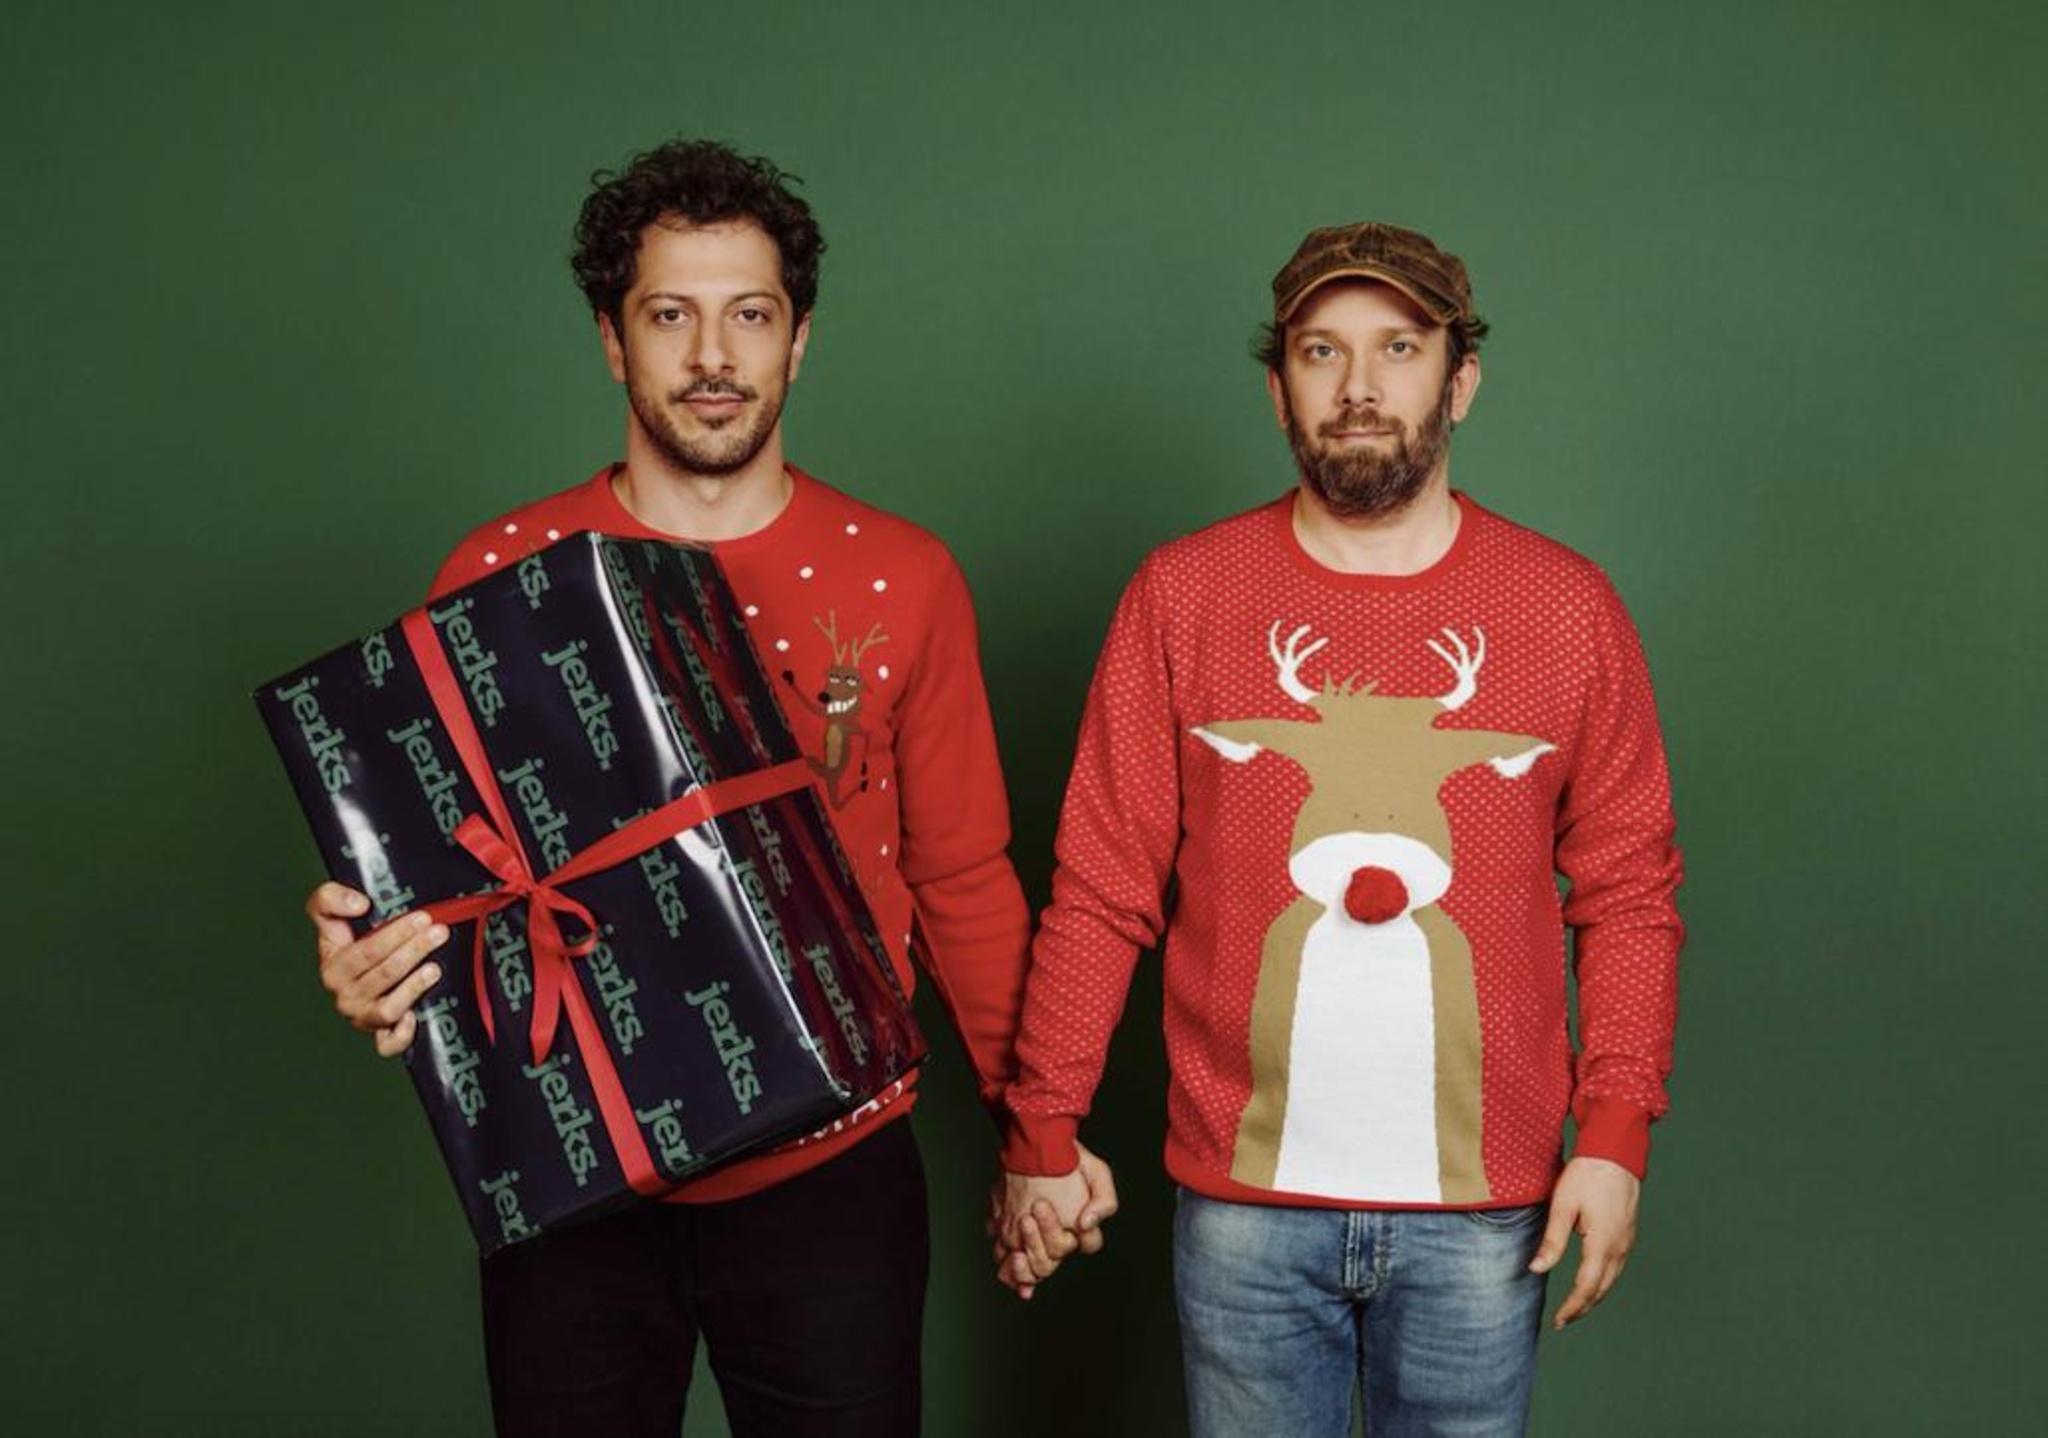 Partnertausch Als Weihnachtsgeschenk